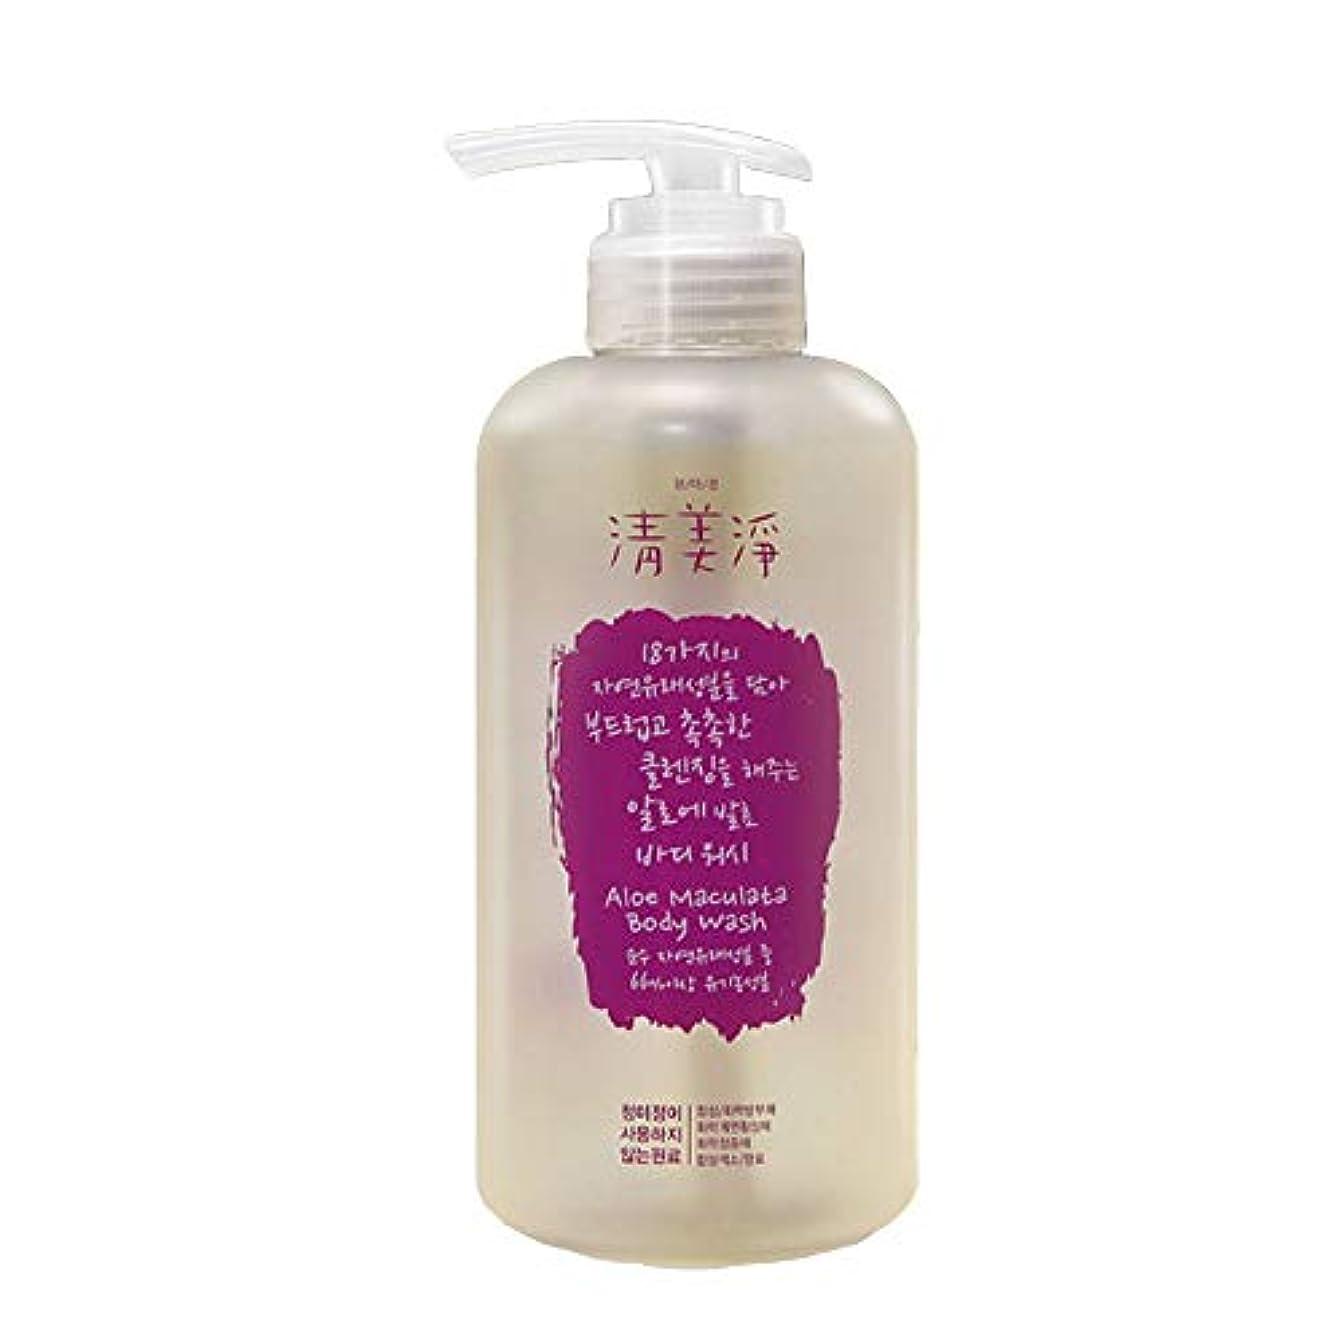 深める固有の混乱した[ChungMiJung] 清美浄(チョンミジョン) アロエ発酵ボディウォッシュ 500ml Aloe Maculata Body Wash - Organic Body Wash with 18 Ingredients...